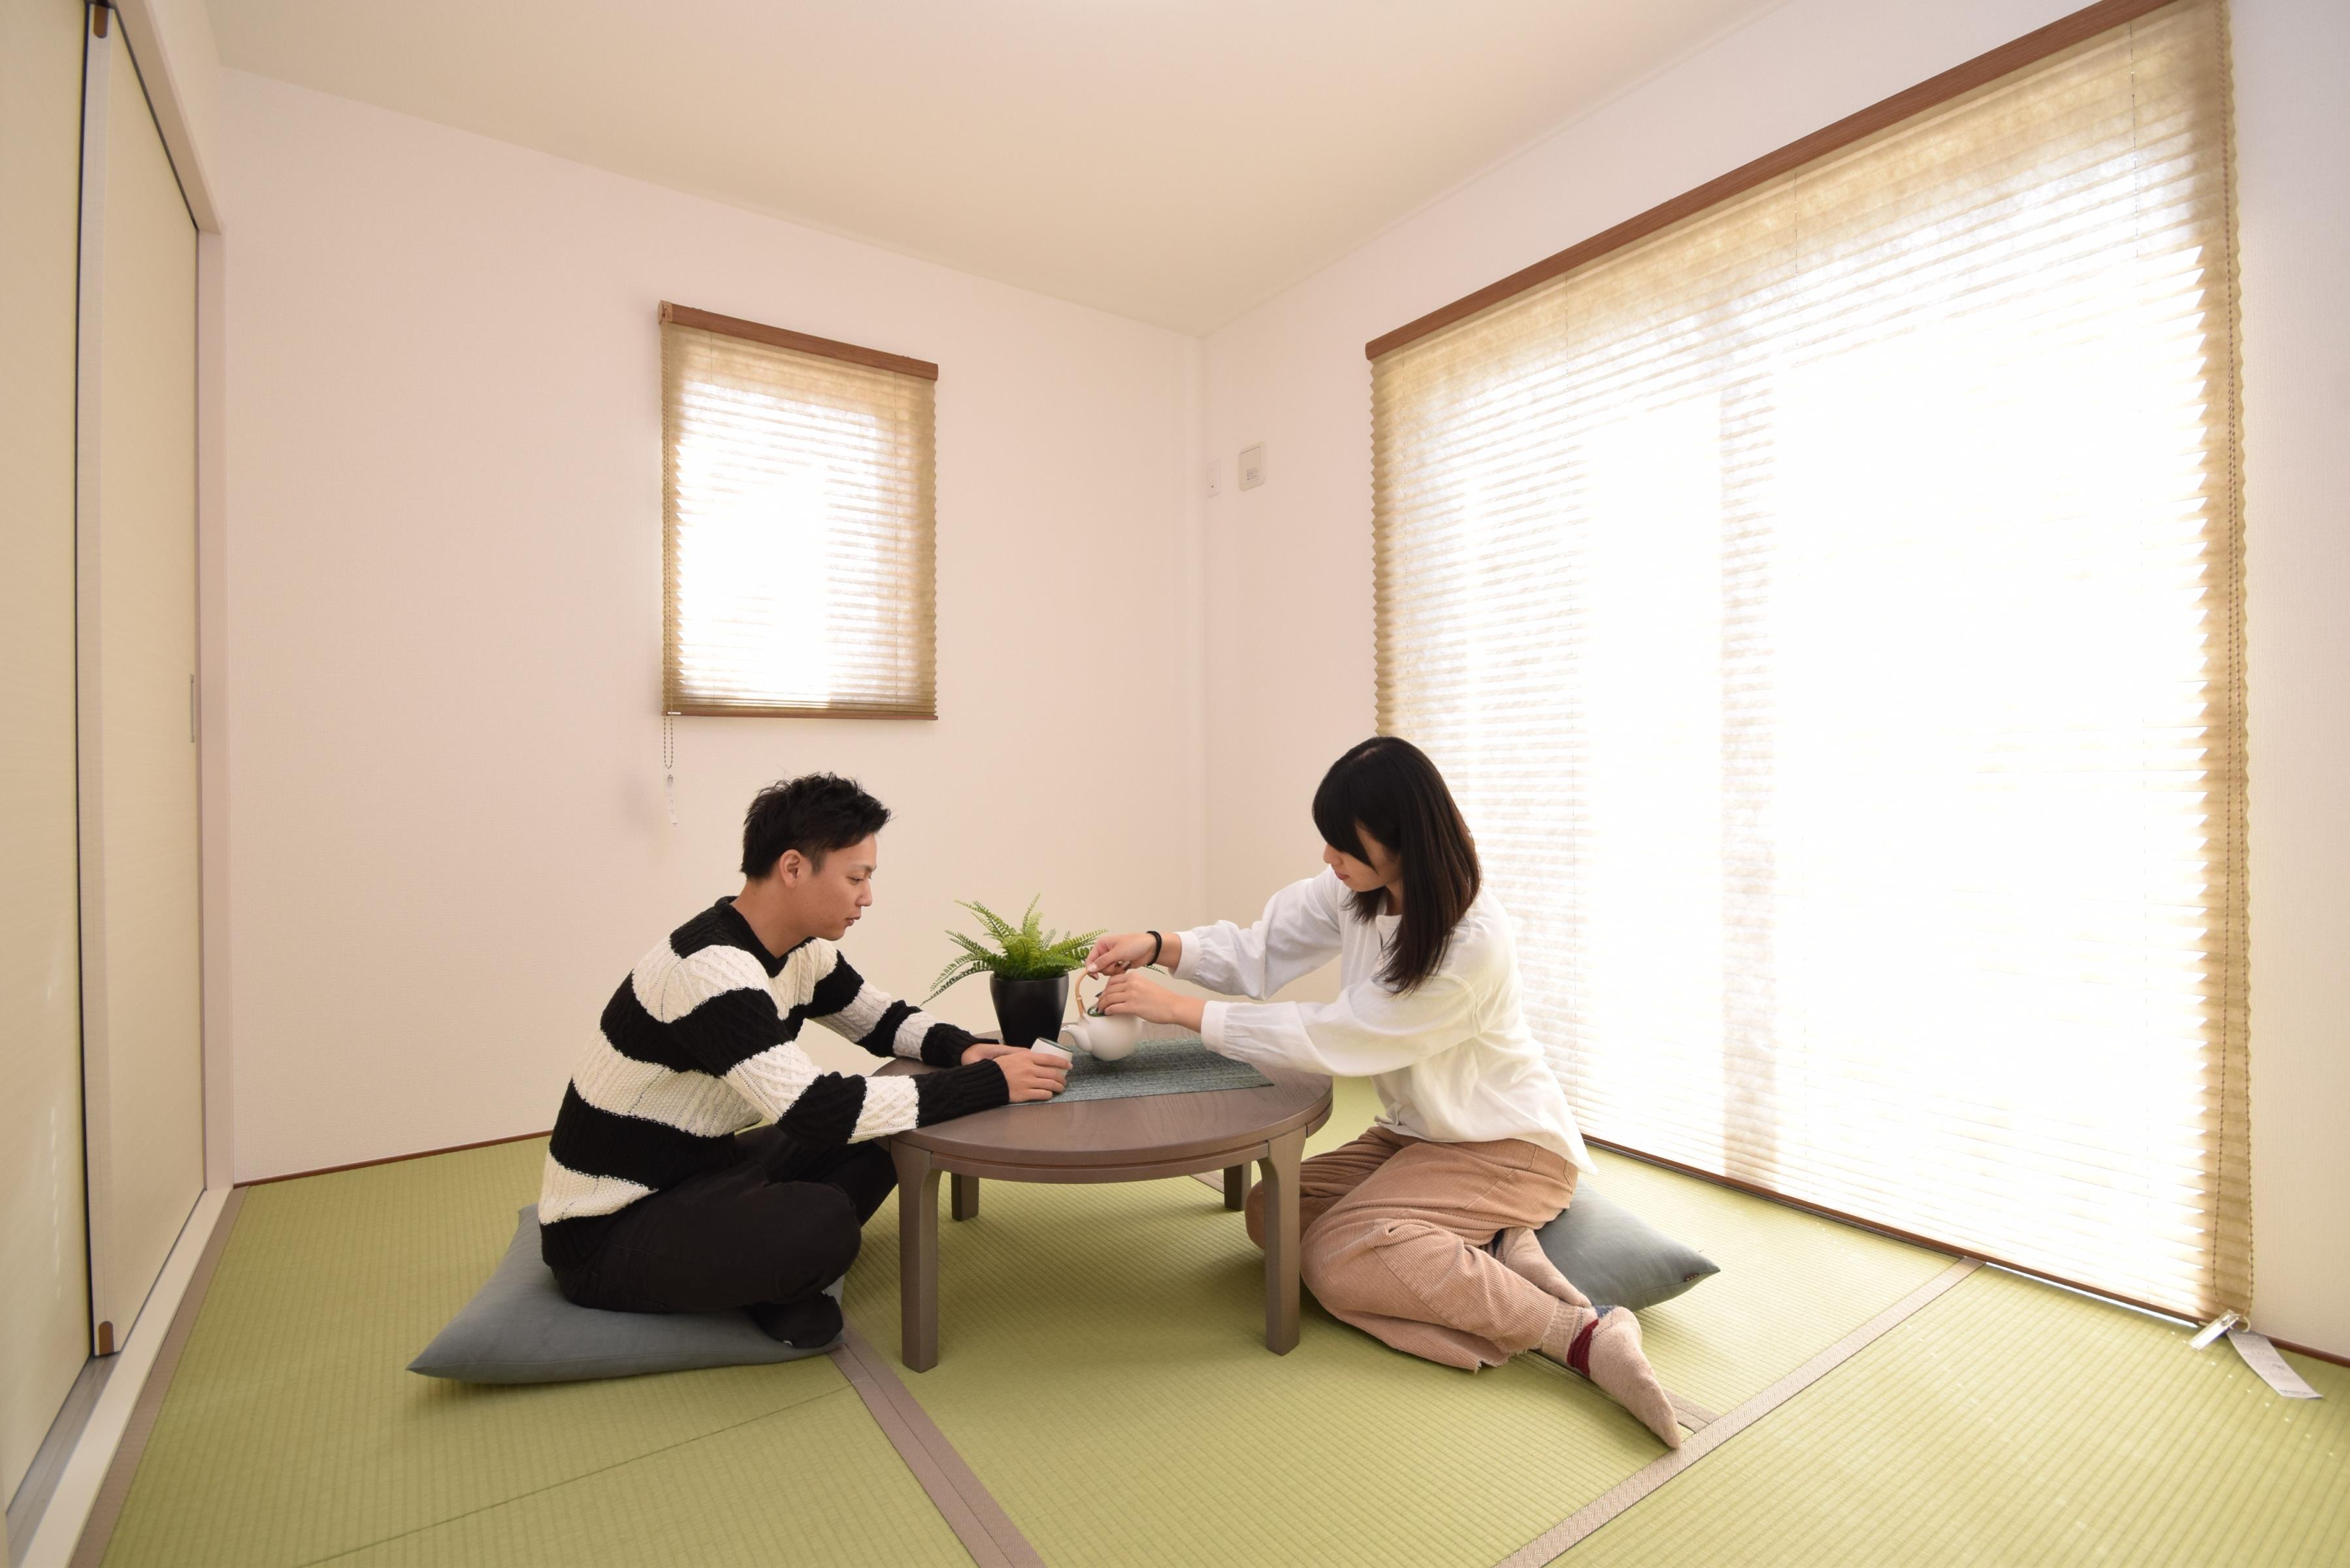 あると嬉しい1階の一部屋。お子様のお昼寝スペースや客間、お友達やご親戚のお泊り部屋としても使えます。